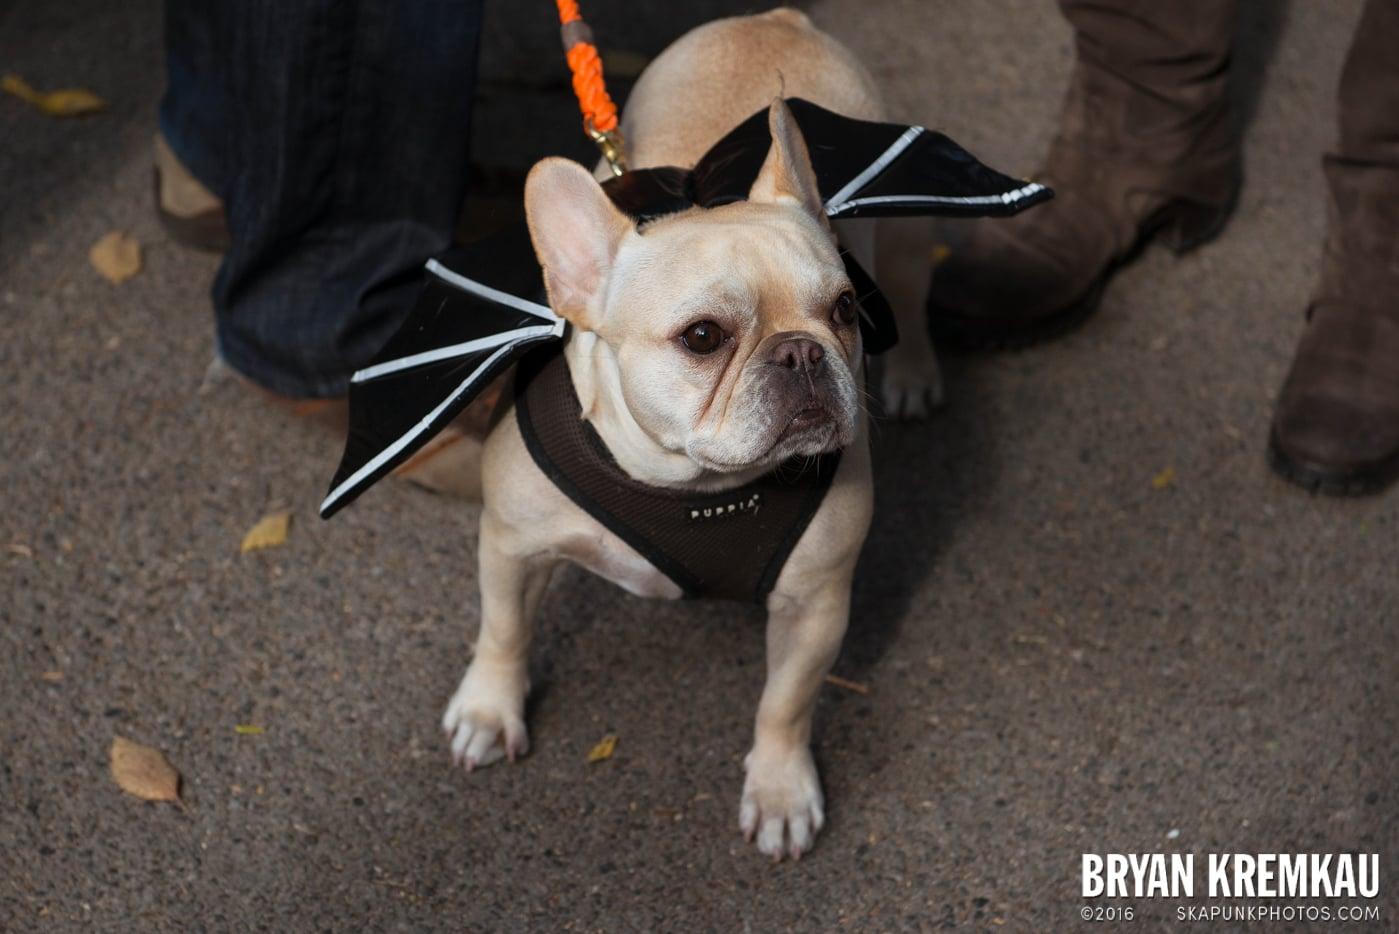 Tompkins Square Halloween Dog Parade 2013 @ Tompkins Square Park, NYC - 10.26.13 (3)